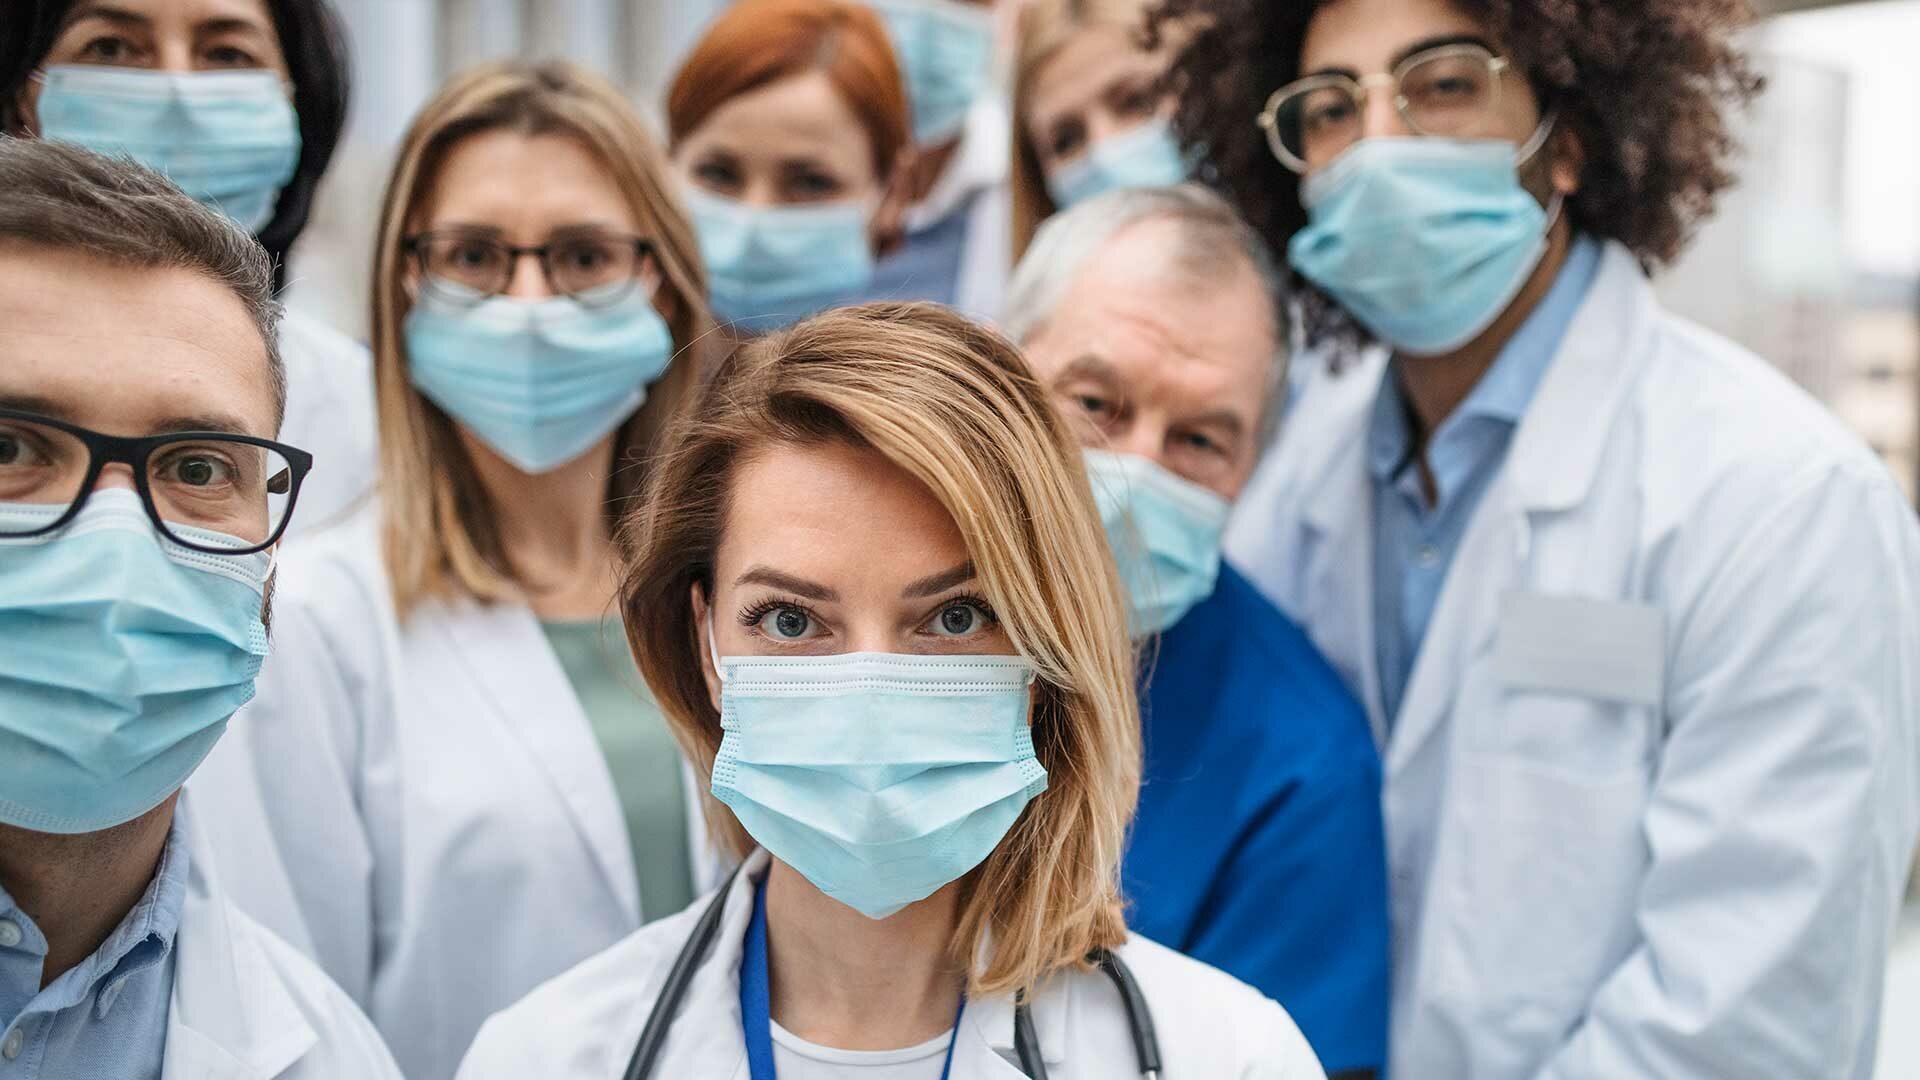 Coronavirus - Verplegend personeel